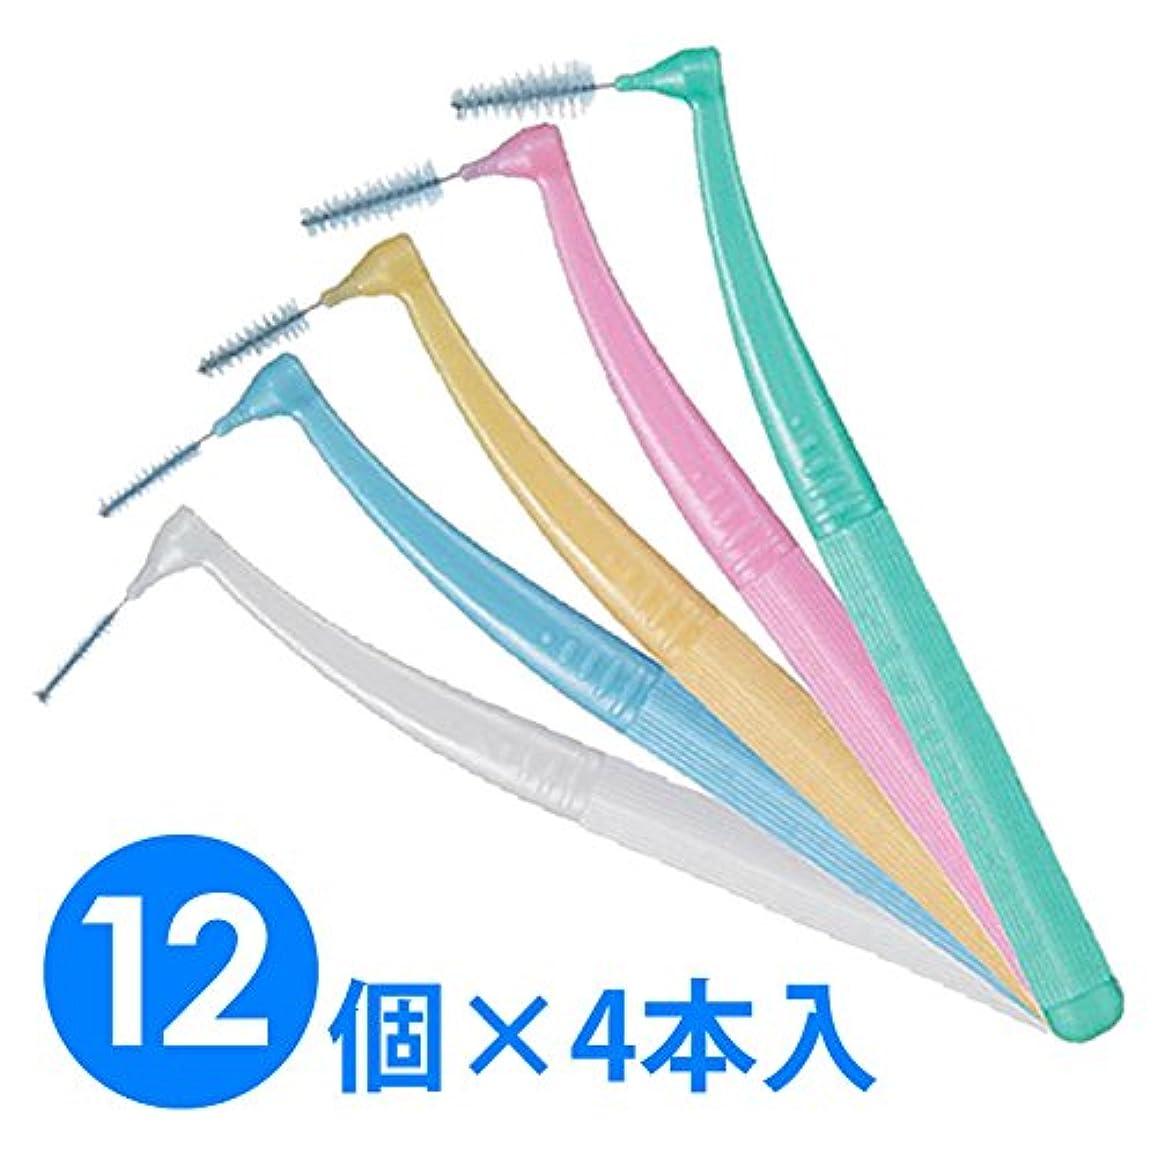 迷惑味わう思春期【12個1箱】ガム?プロズ 歯間ブラシL字型 4本入り×12 (M(4)ピンク)